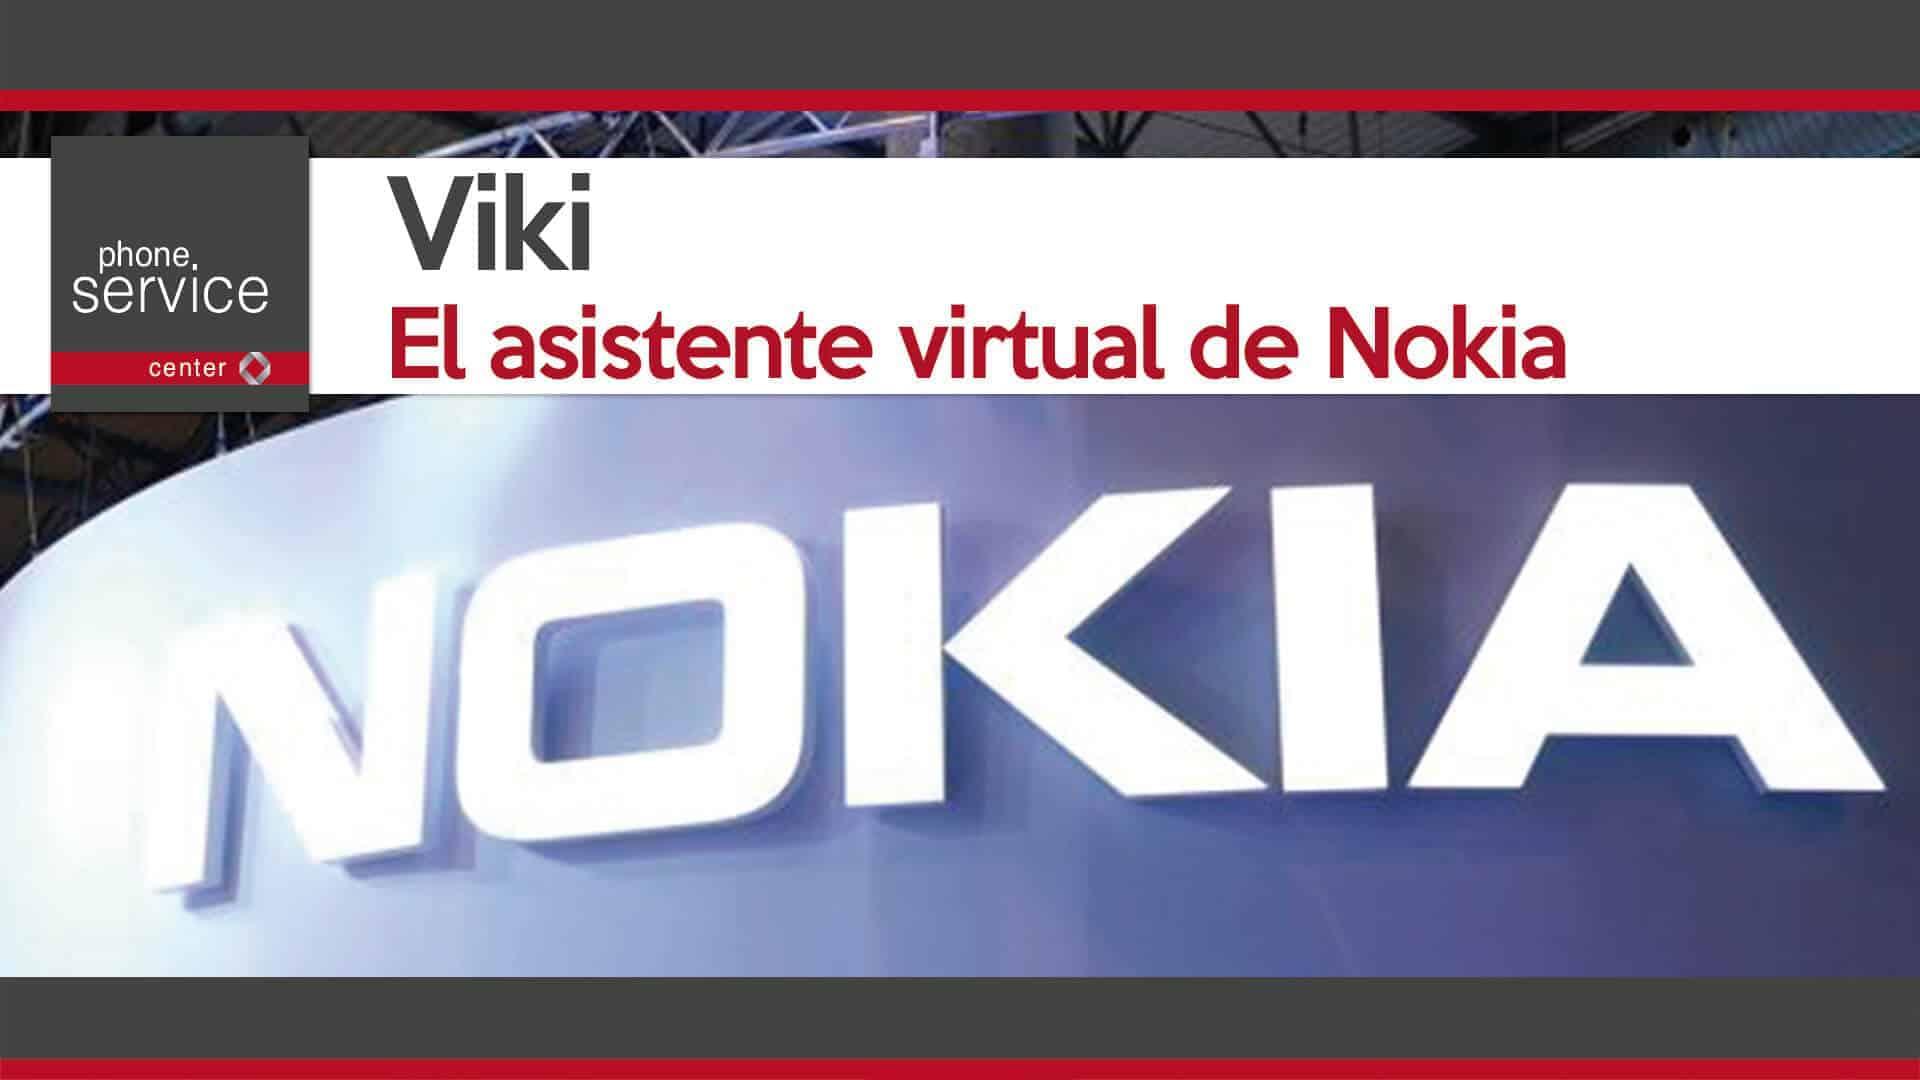 viki-el-asistente-virtual-de-nokia